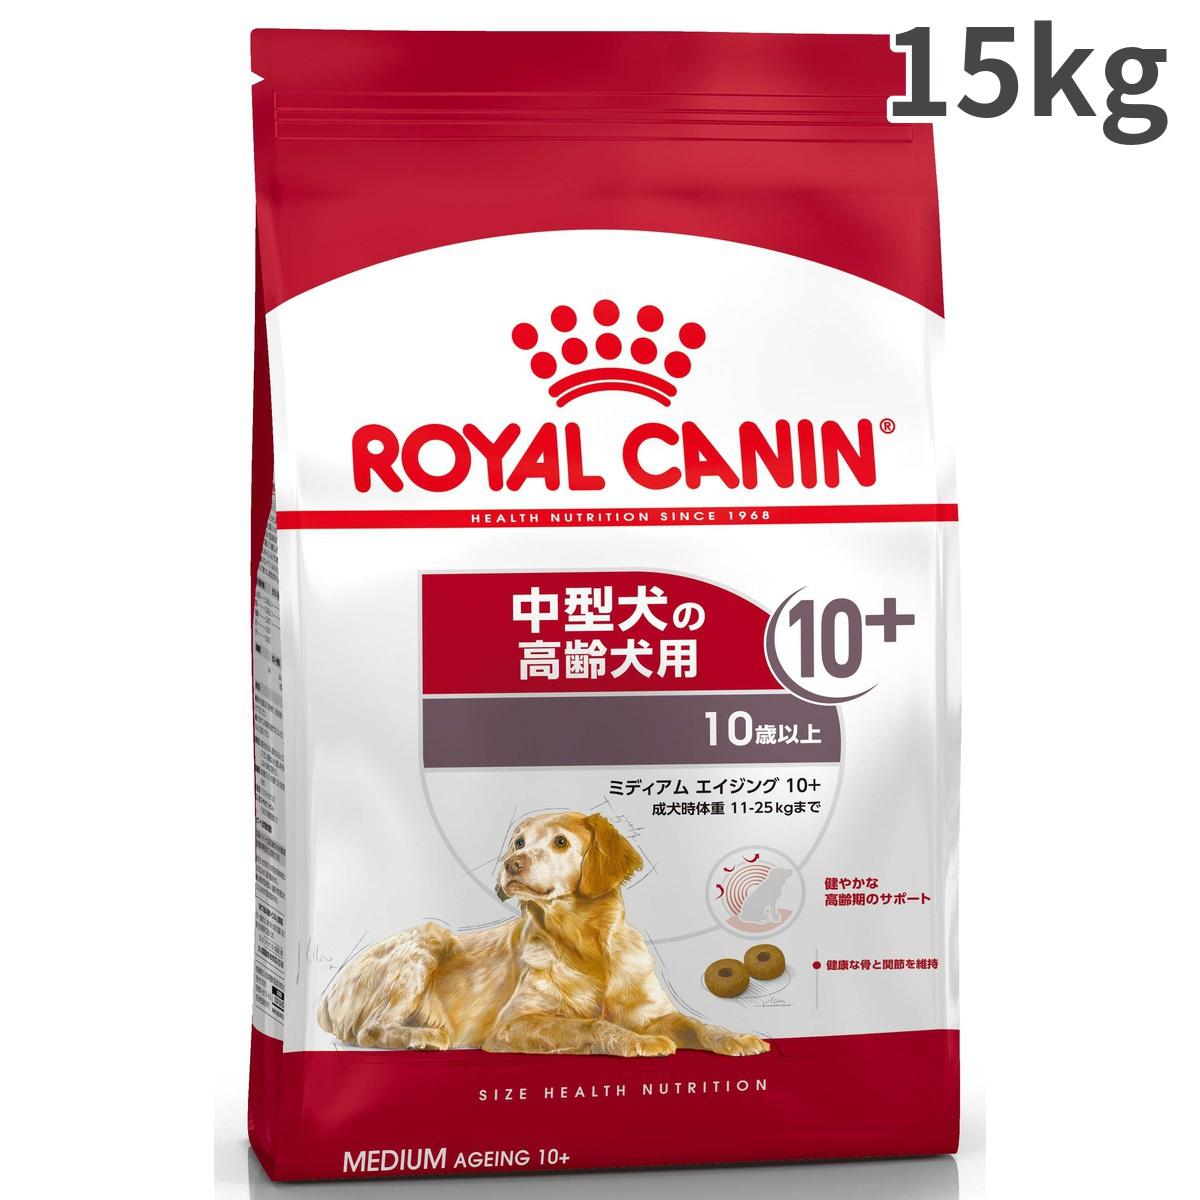 【お取寄せ品】ロイヤルカナン ミディアム エイジング 10+ 10歳以上 中型高齢犬用 15kg【送料無料】